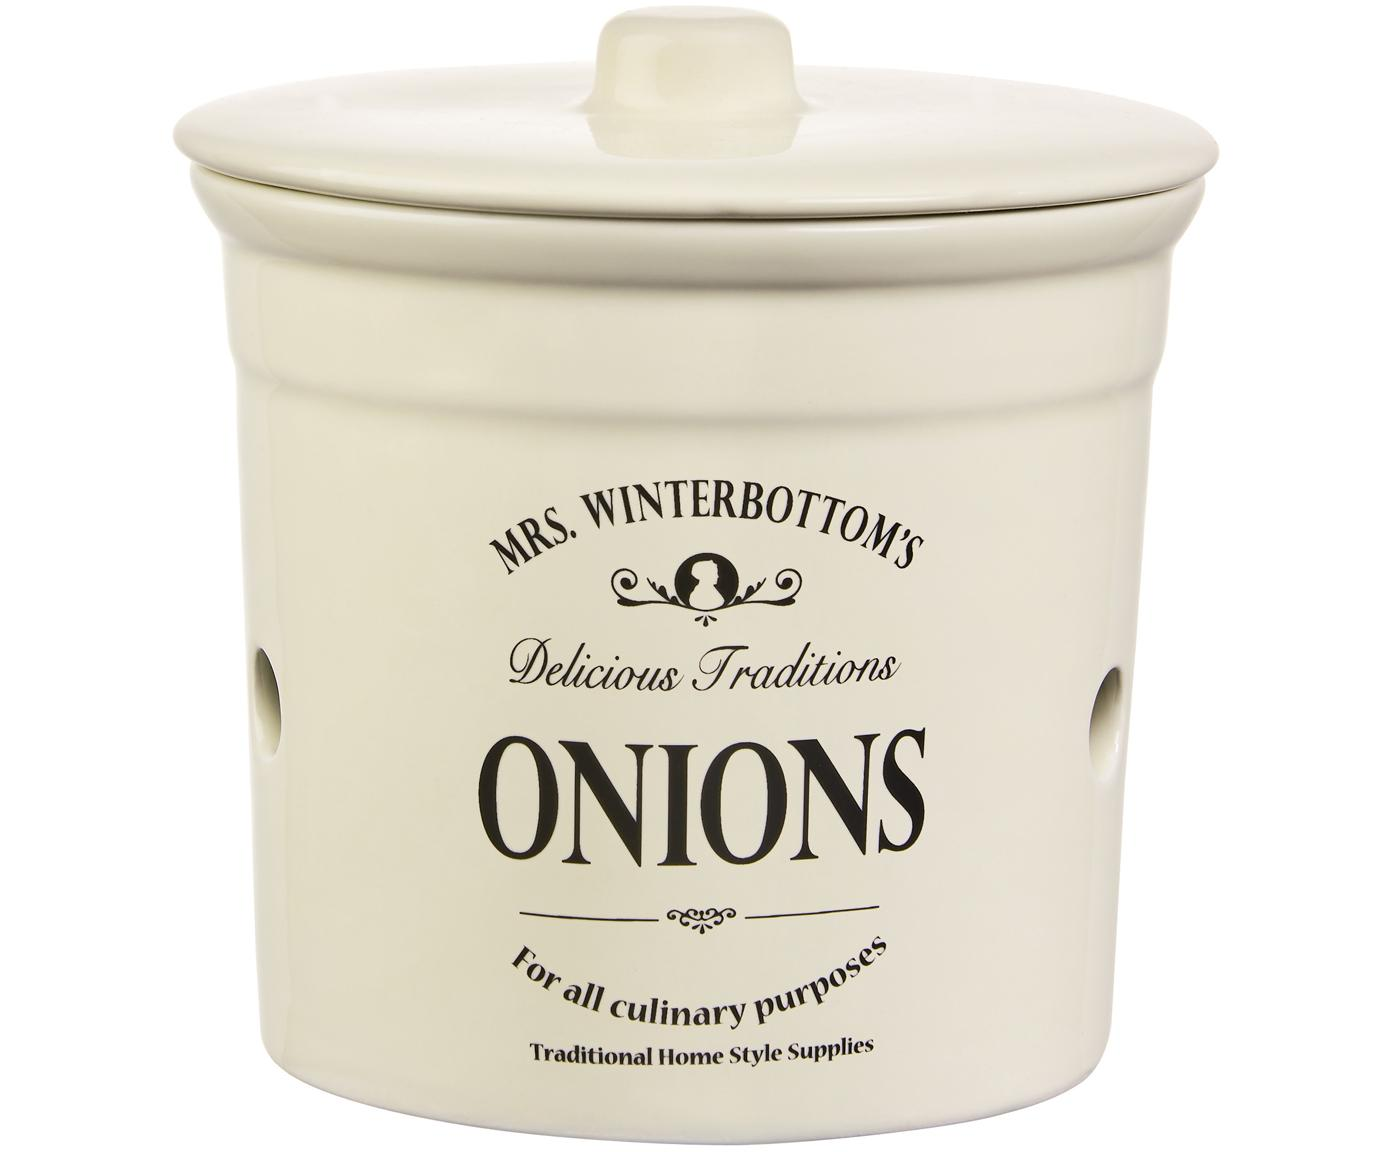 Aufbewahrungsdose Mrs Winterbottoms Onions, Steingut, Creme, schwarz, Ø 17 x H 18 cm